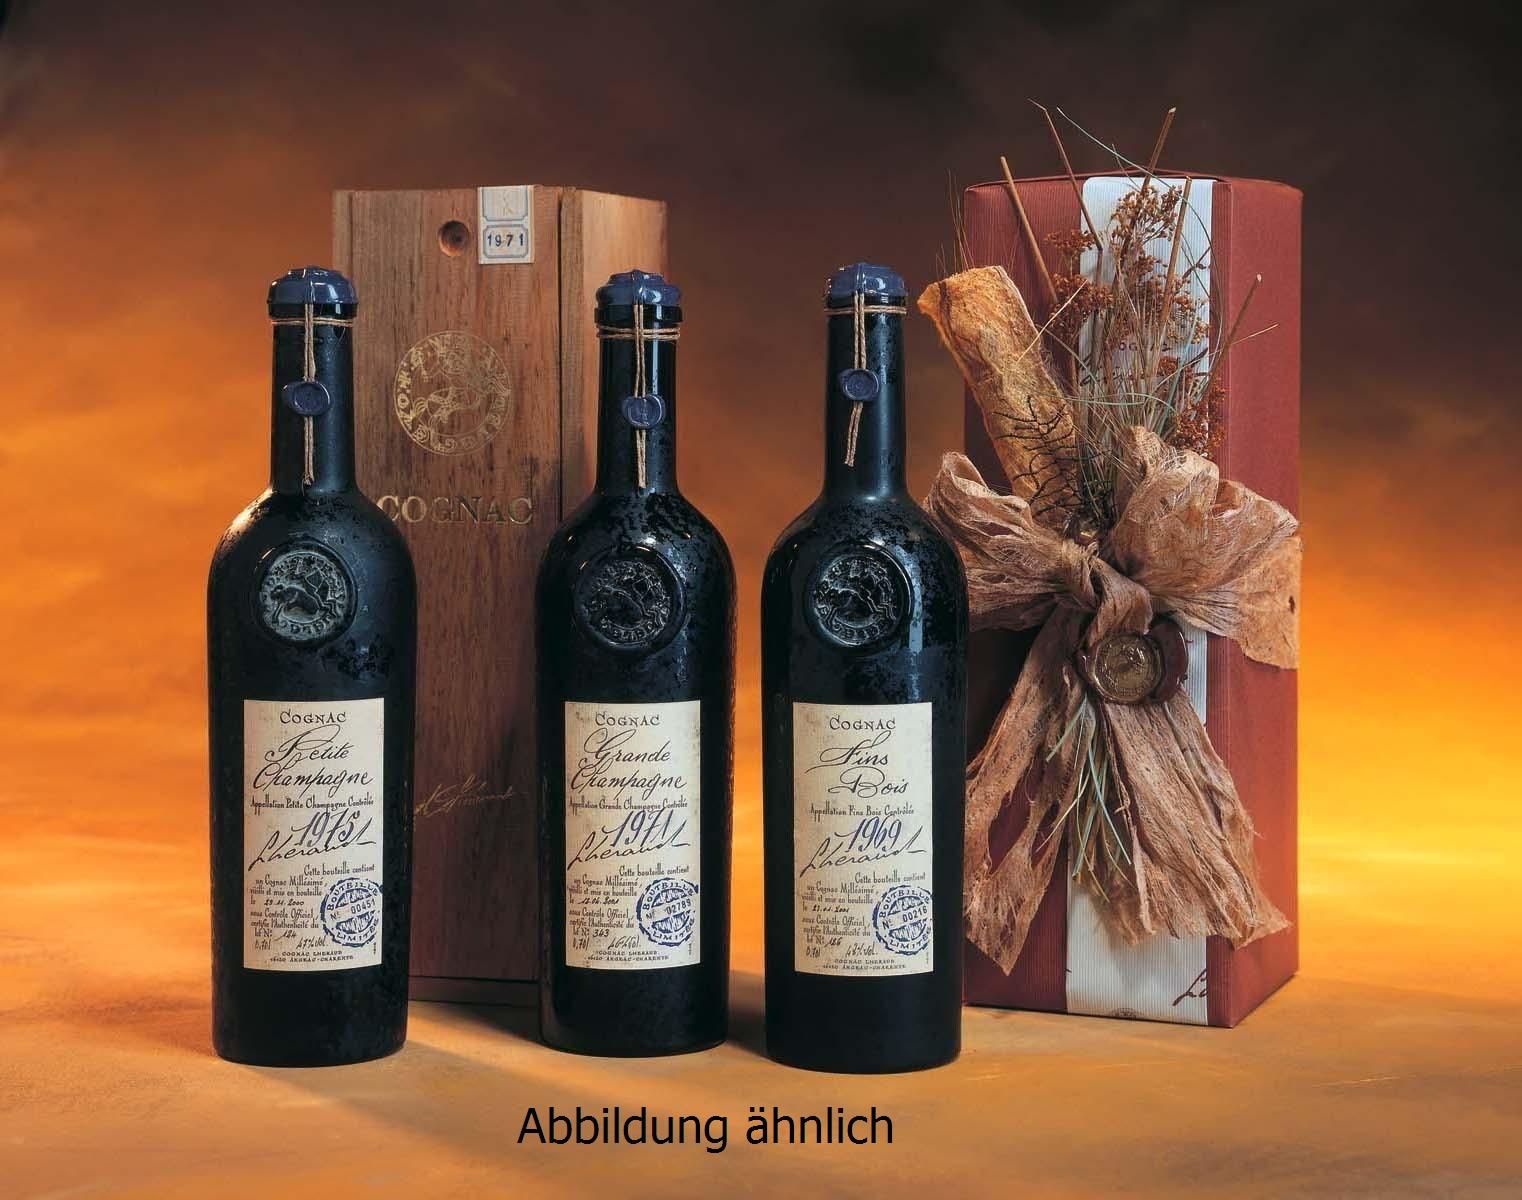 Cognac 1954 Lheraud